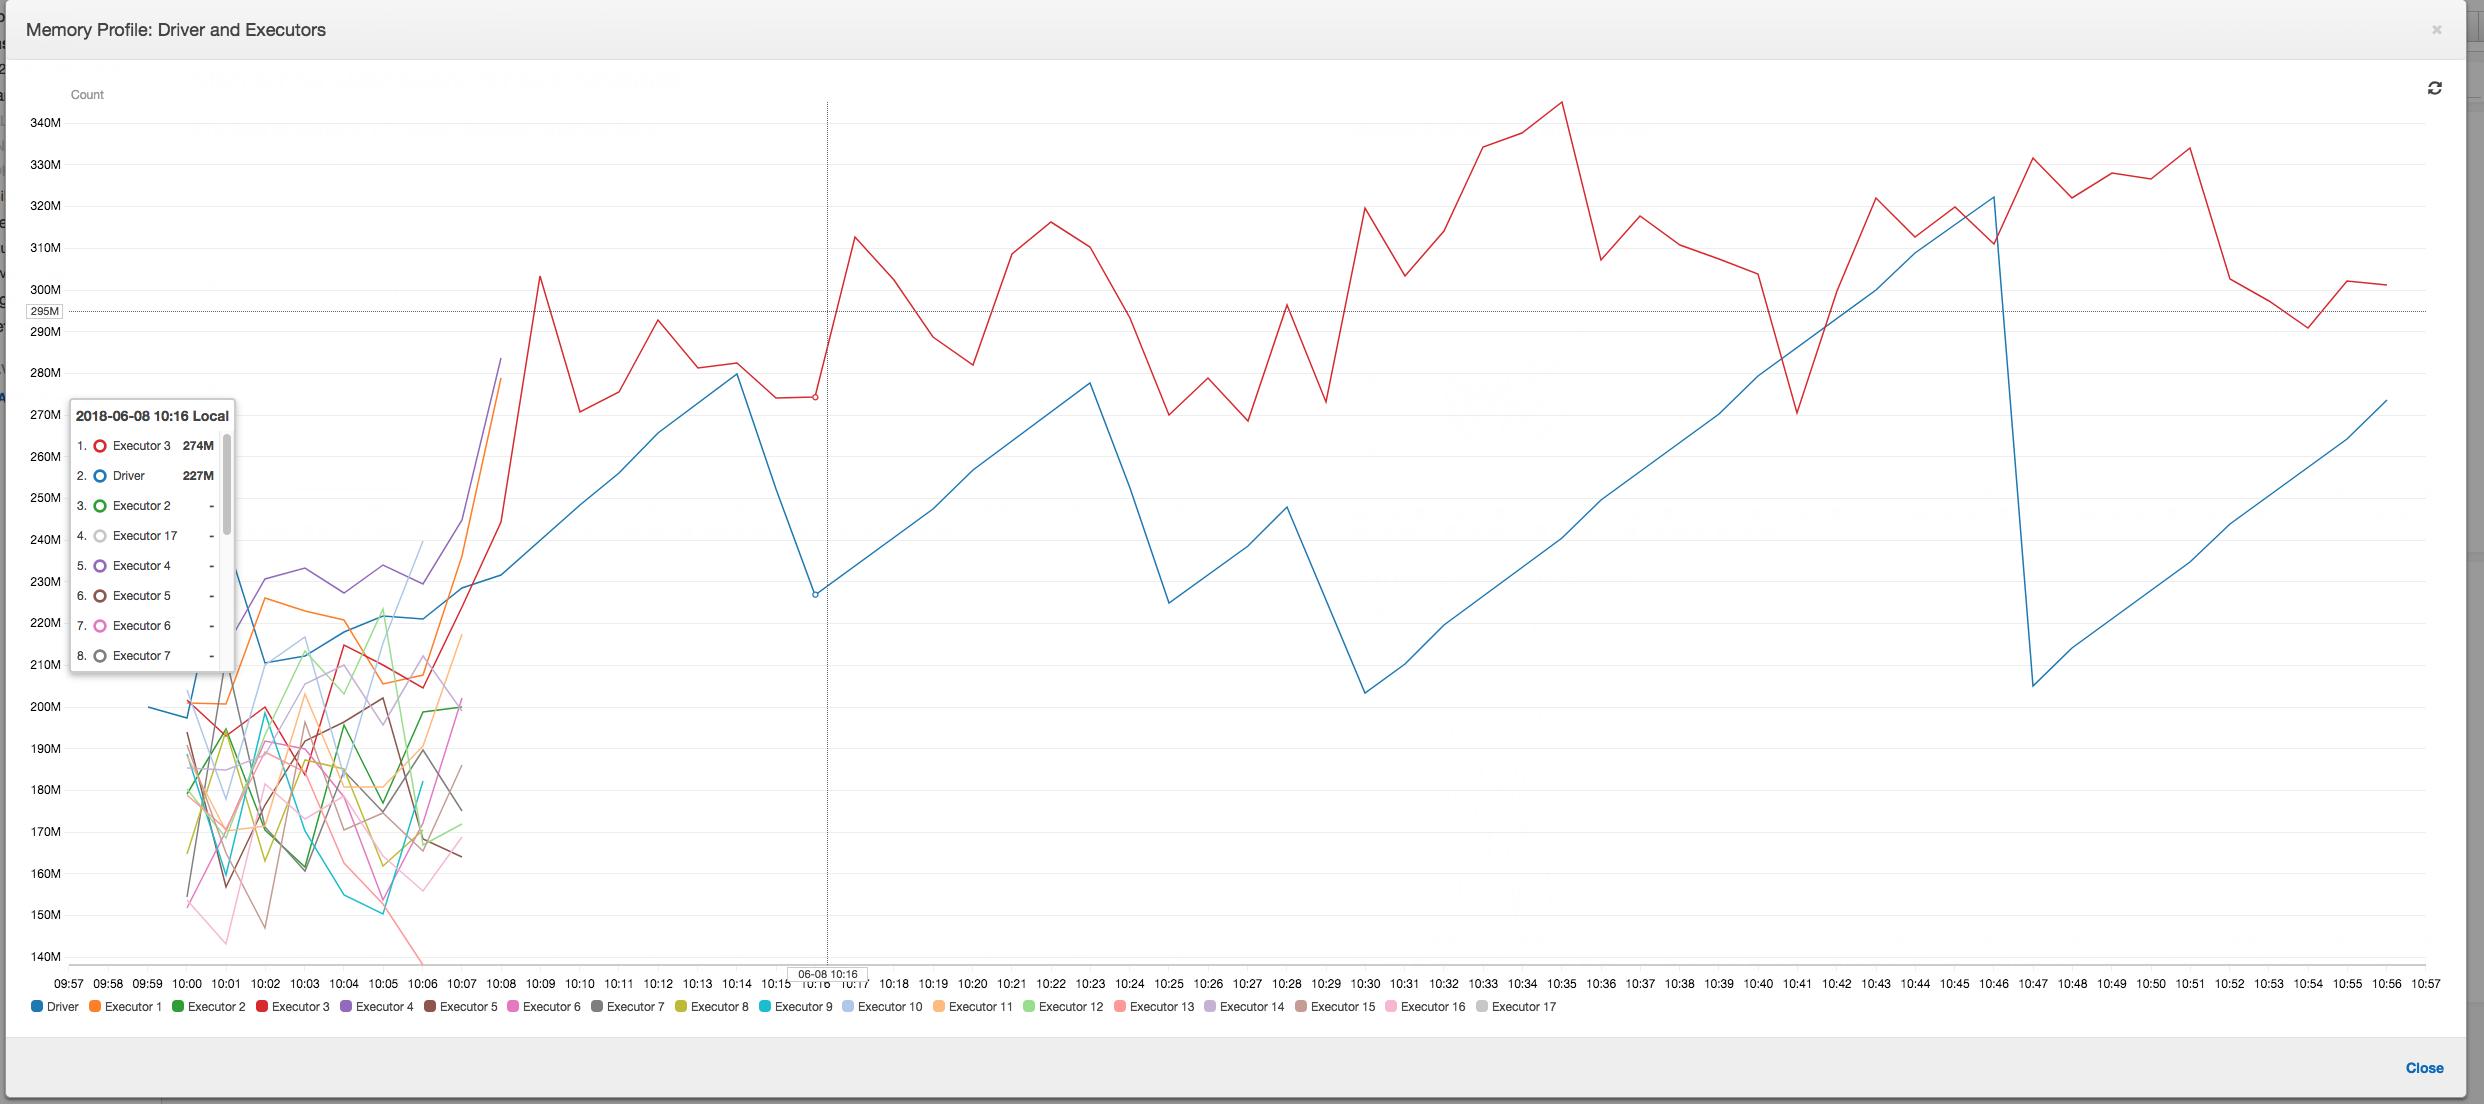 Las métricas del perfil de la memoria después de las primeras dos etapas.